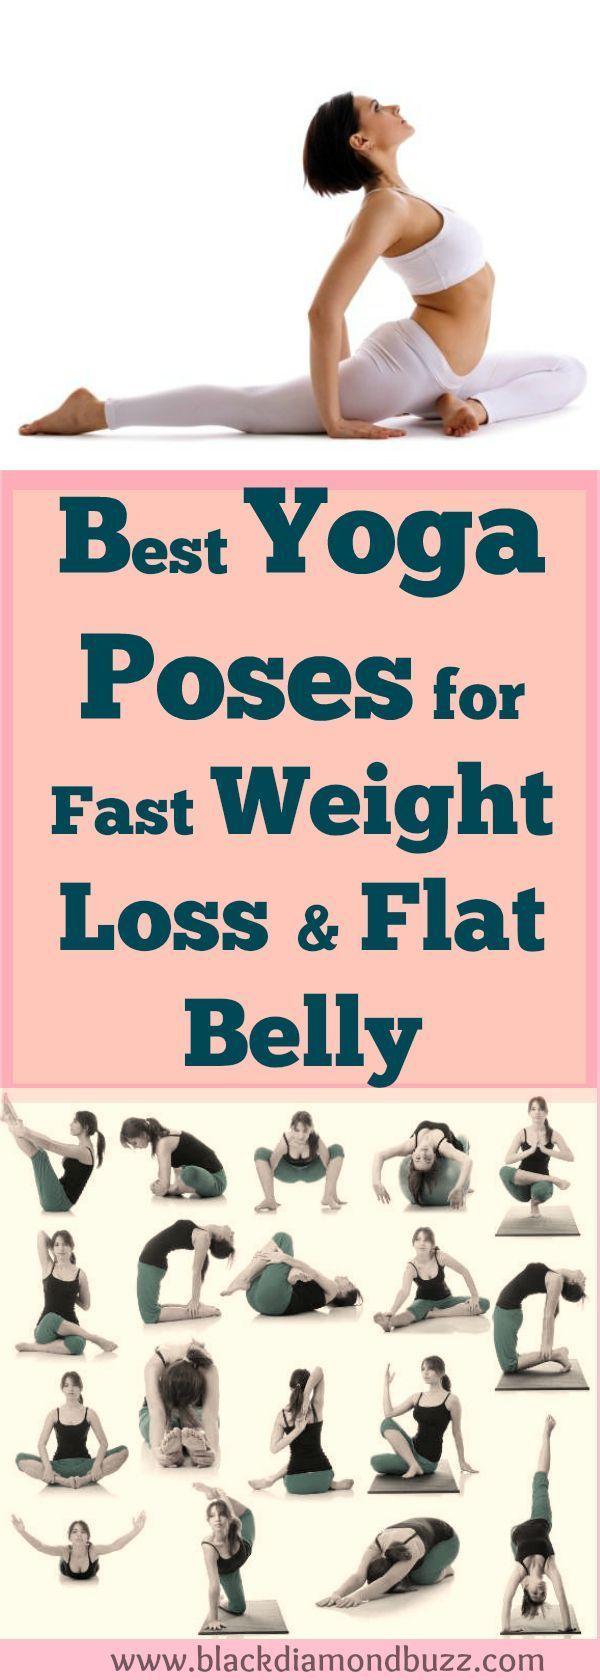 Yoga Posen Wie schnell Gewicht zu verlieren? Wenn Sie schlecht abnehmen und erreichen wollen